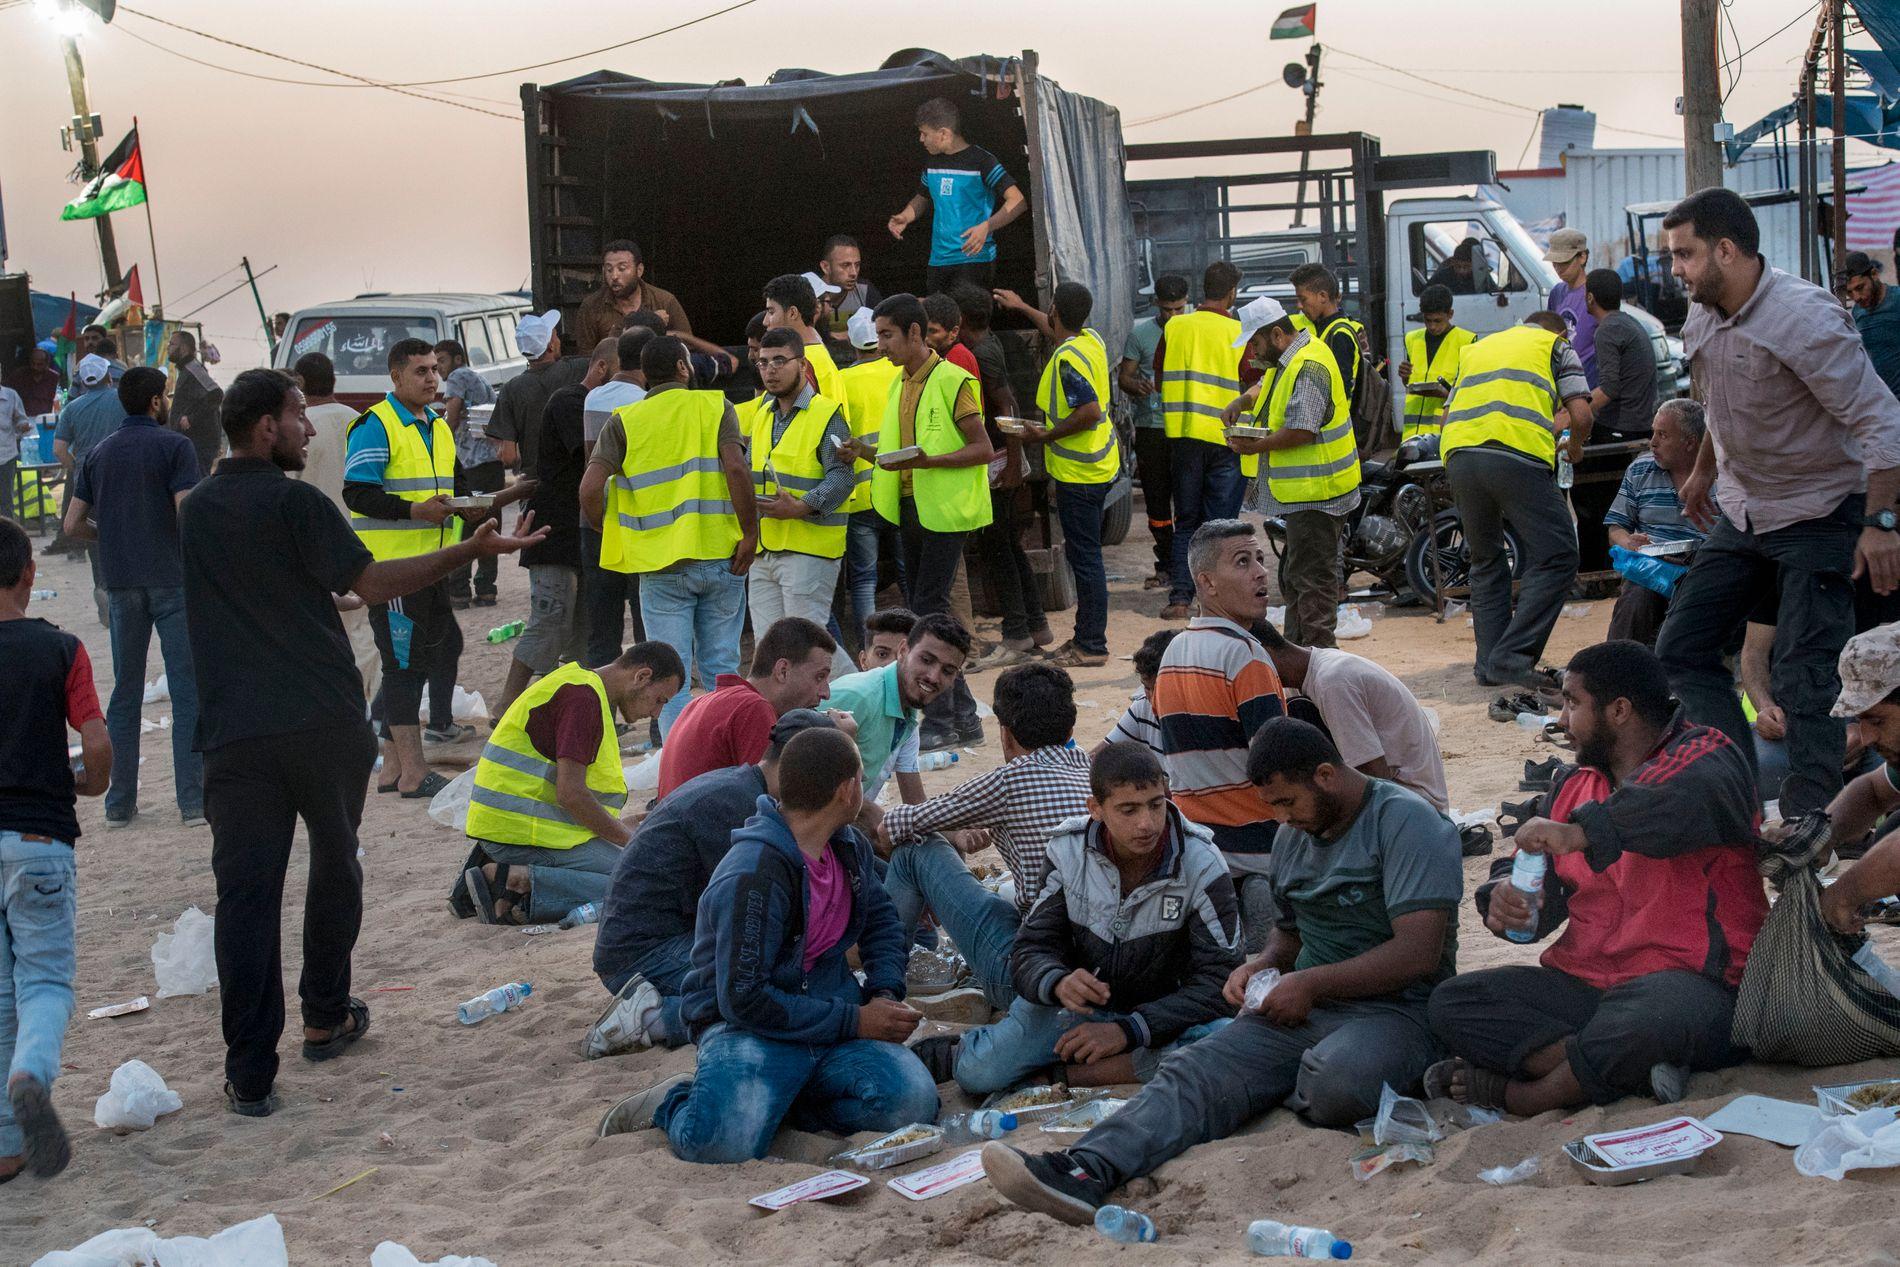 MATKAOS: Noen nærmest sloss om maten som Hamas-medlemmer delte ut til demonstrantene. Forretten besto av tre dadler og og hovedretten var ris og kjøtt.